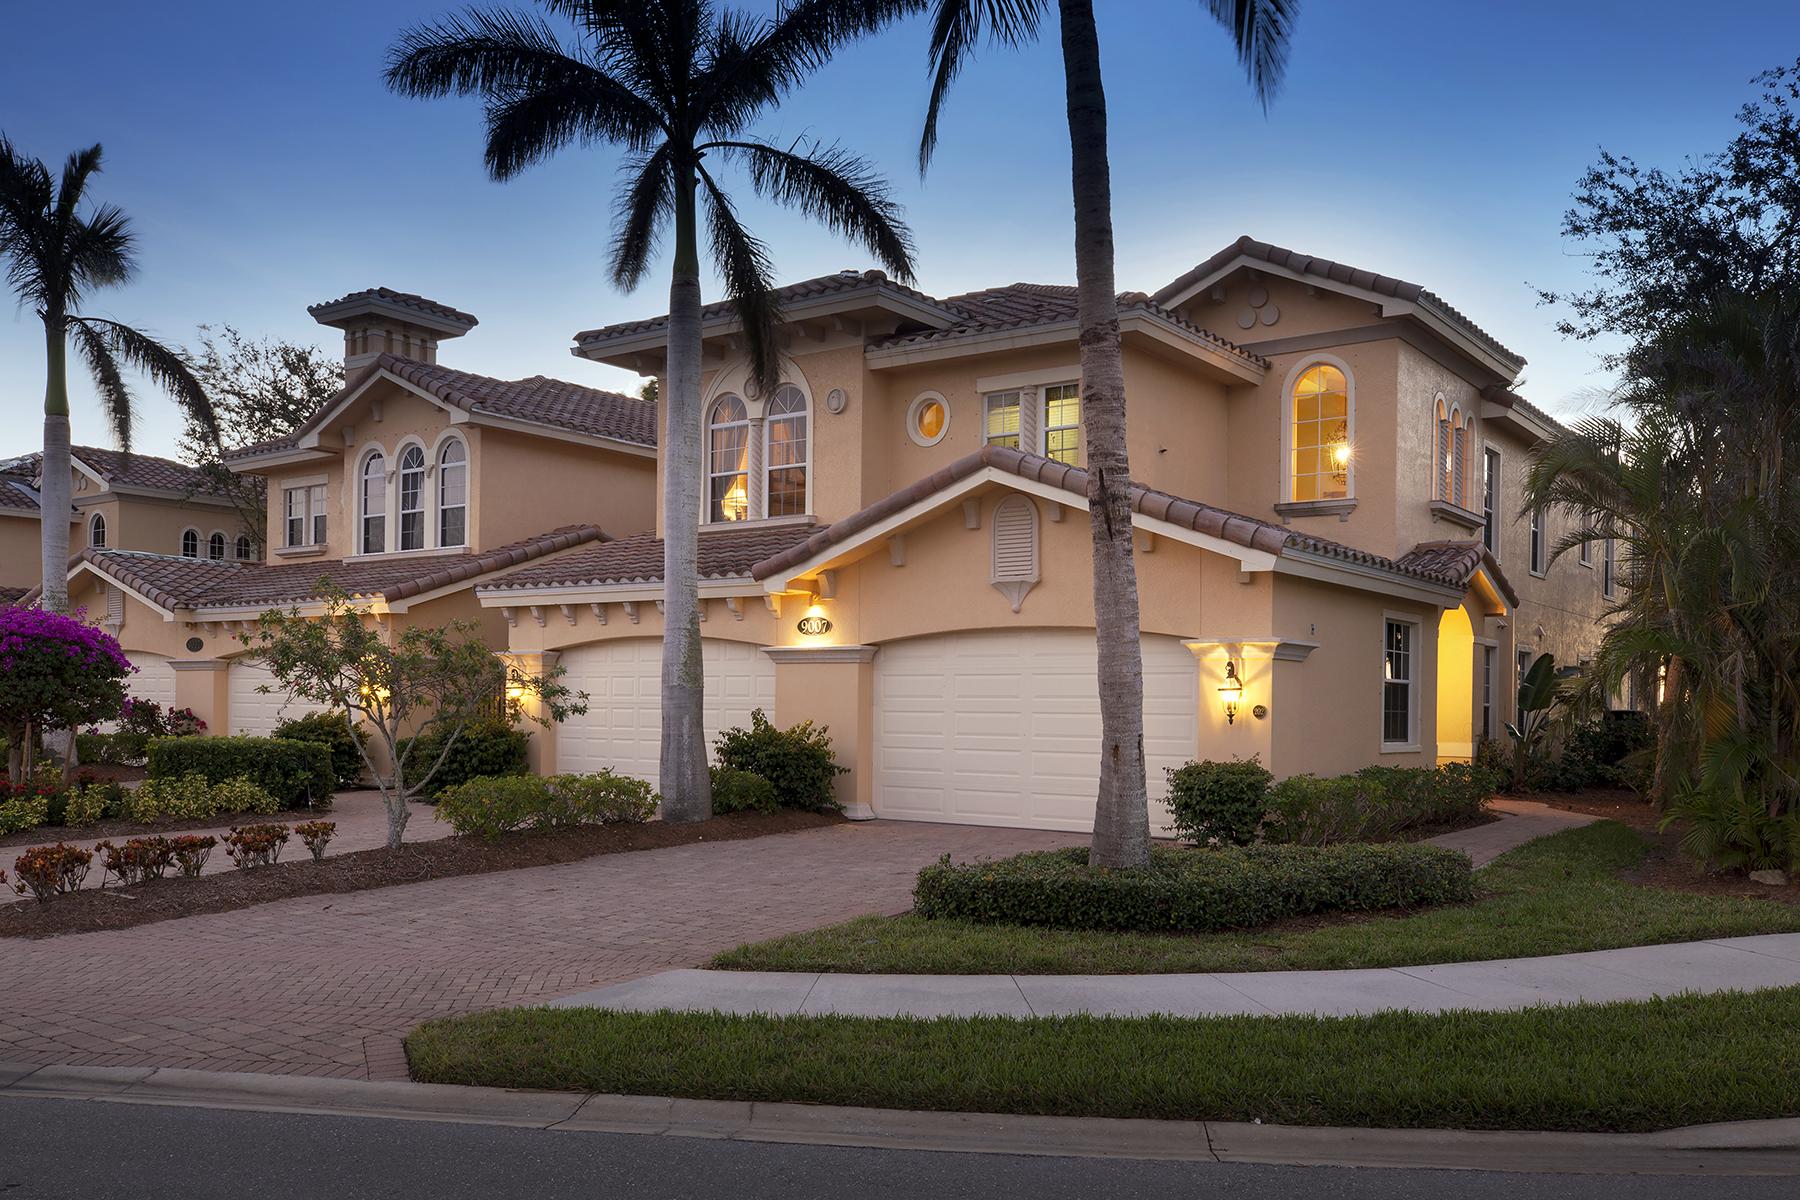 コンドミニアム のために 売買 アット FIDDLERS CREEK 9007 Cherry Oaks Trl 202, Naples, フロリダ, 34114 アメリカ合衆国